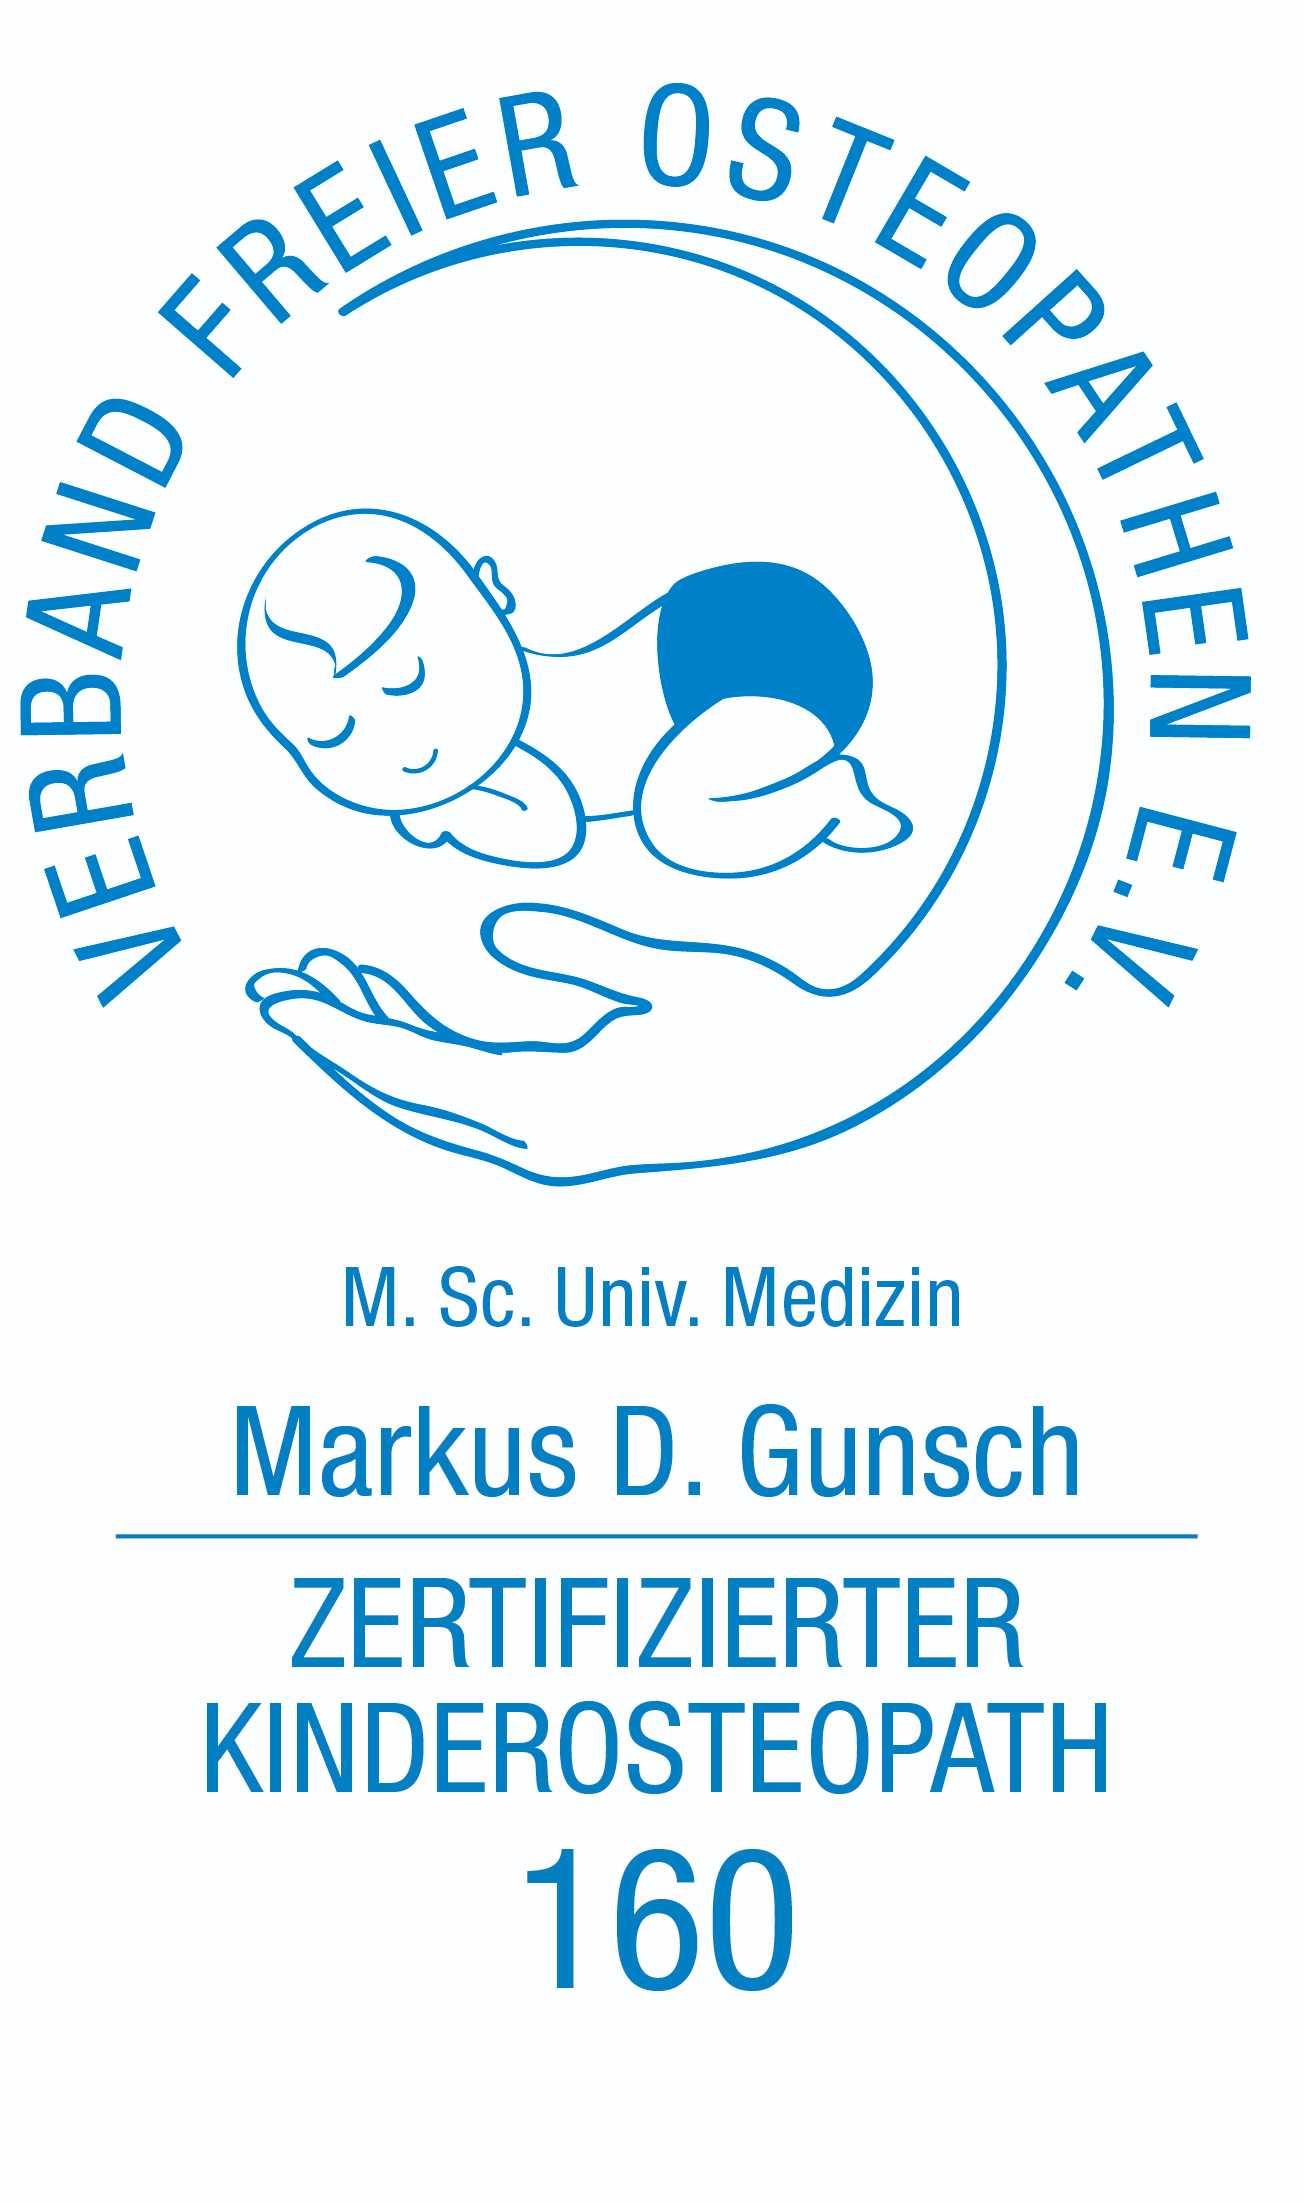 Praxis Gunsch Mitgliedschaft Verband freie Osteopathen e.V. - zertifizierter Kinderosteopath